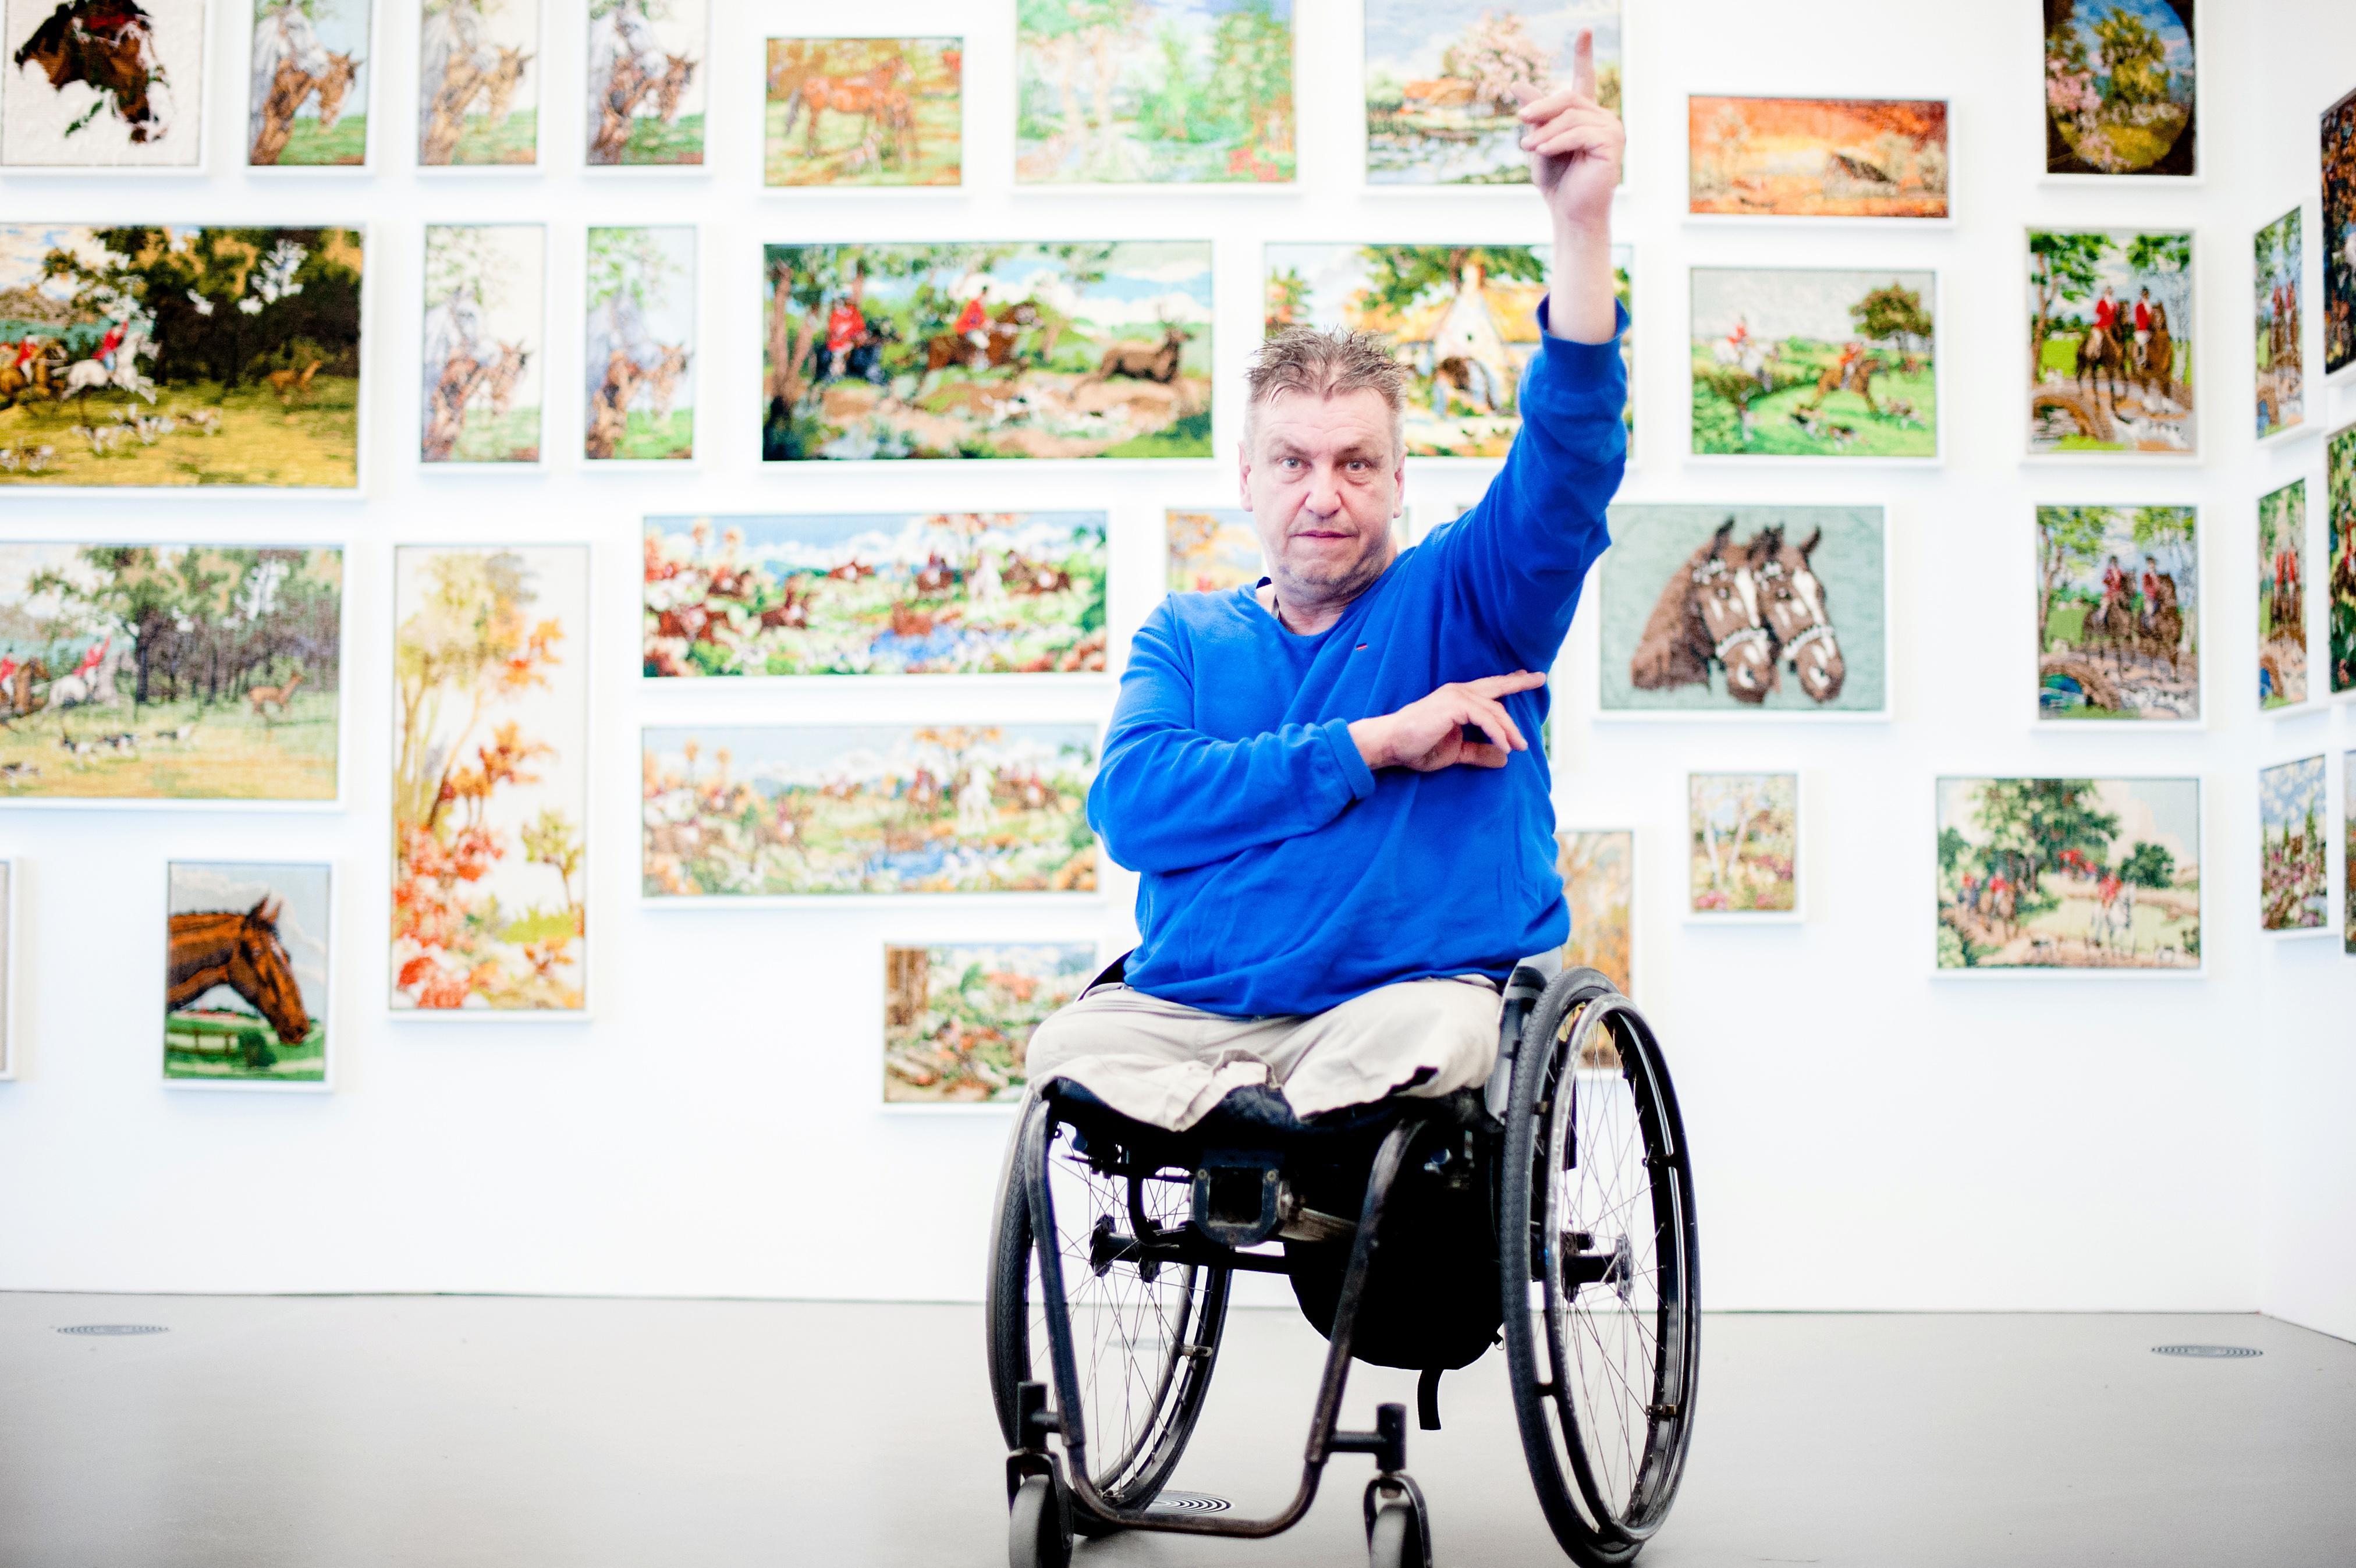 Rob Scholte ontspringt de dans opnieuw. Ook het Amsterdamse gerechtshof verbiedt de veiling van zijn kunstcollectie